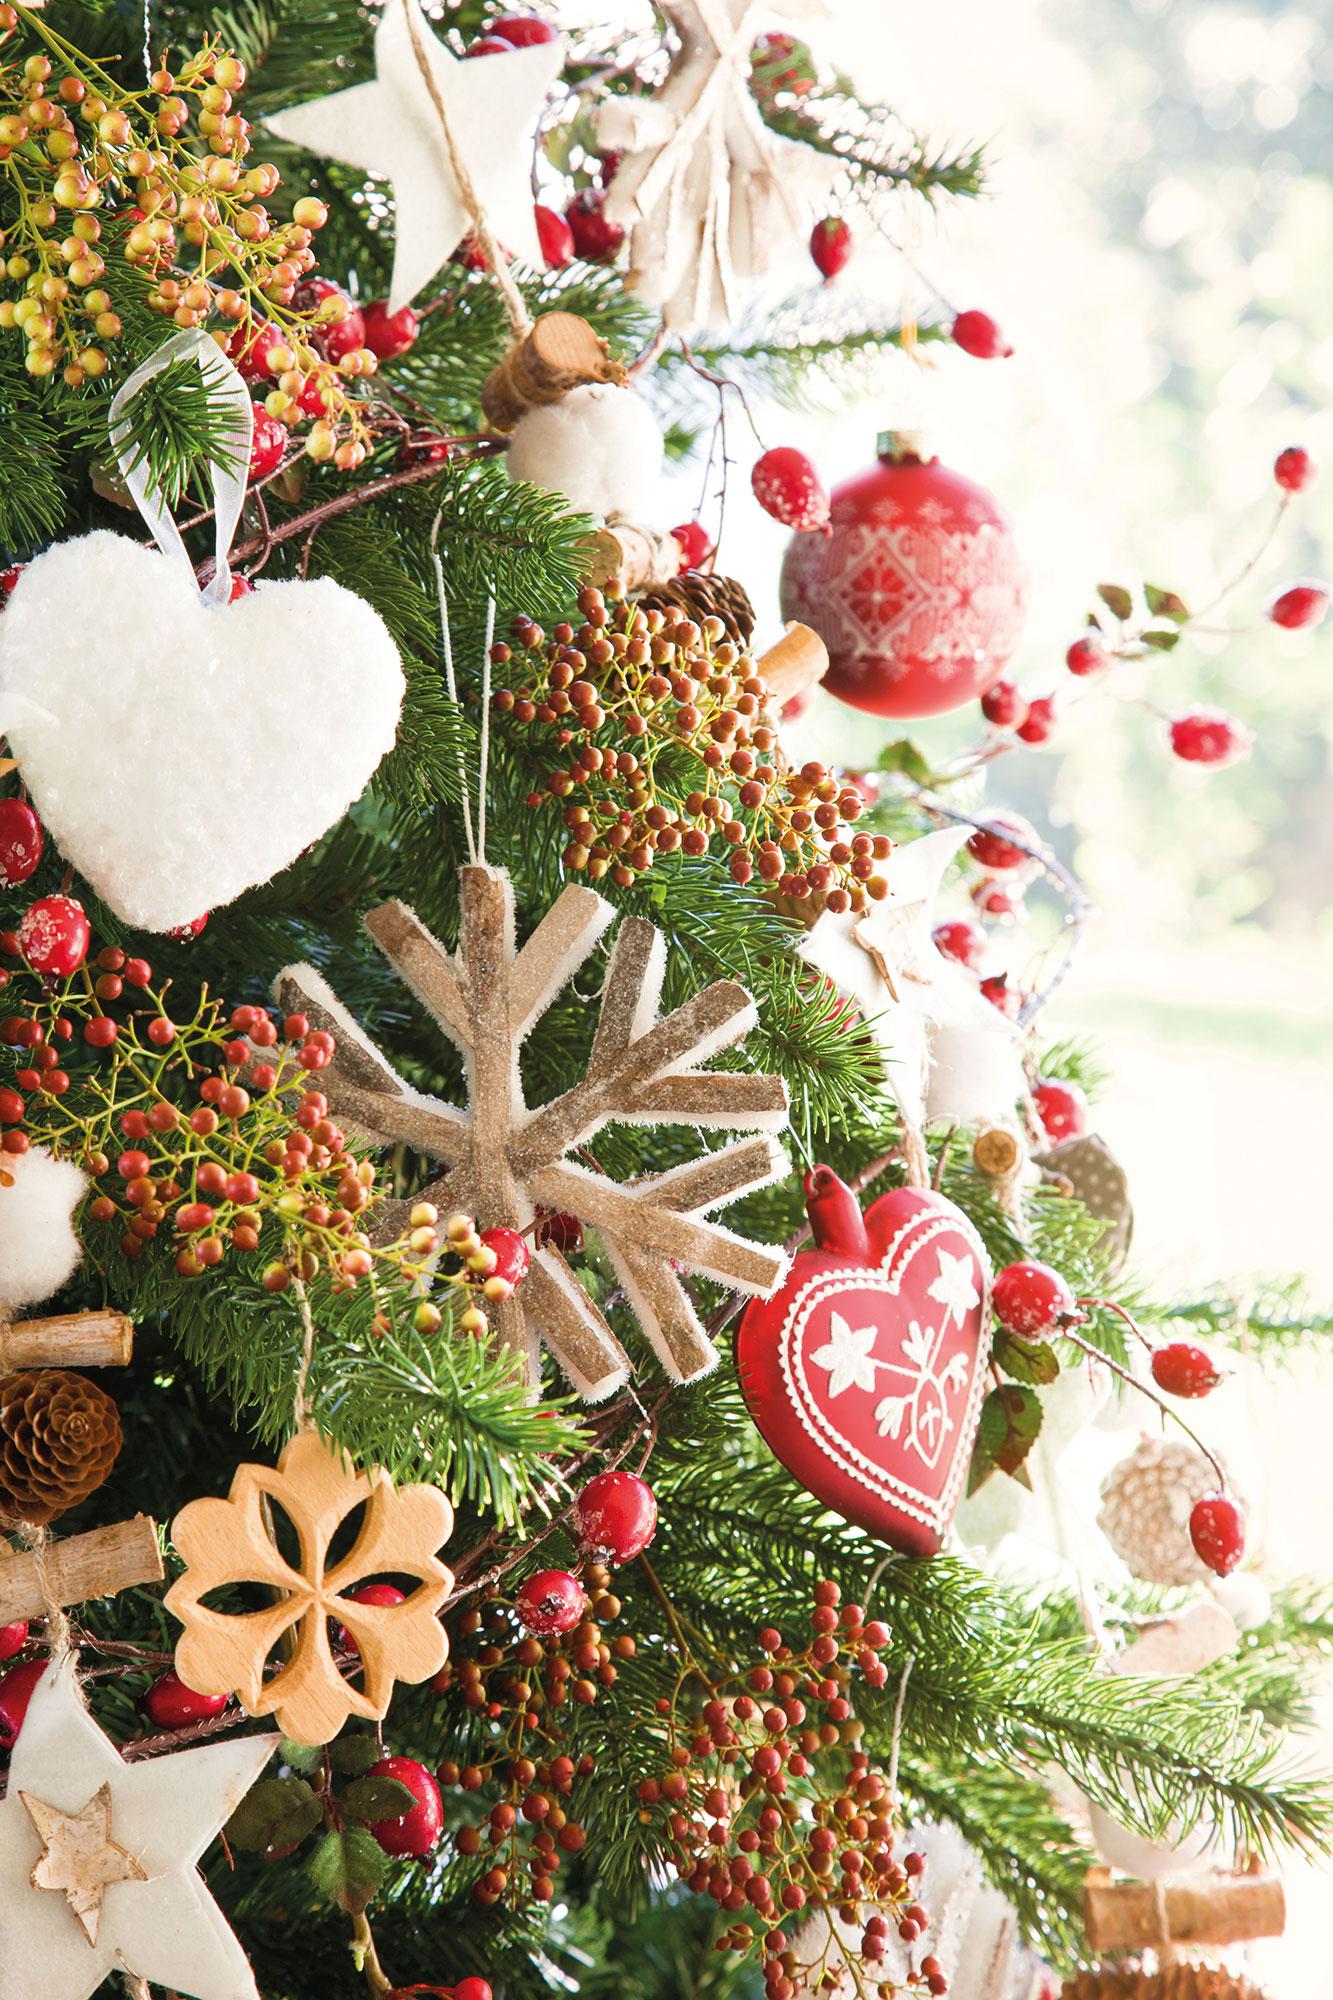 Una navidad en rojo y verde 15 ideas para decorar tu casa - Decoracion adornos navidenos ...